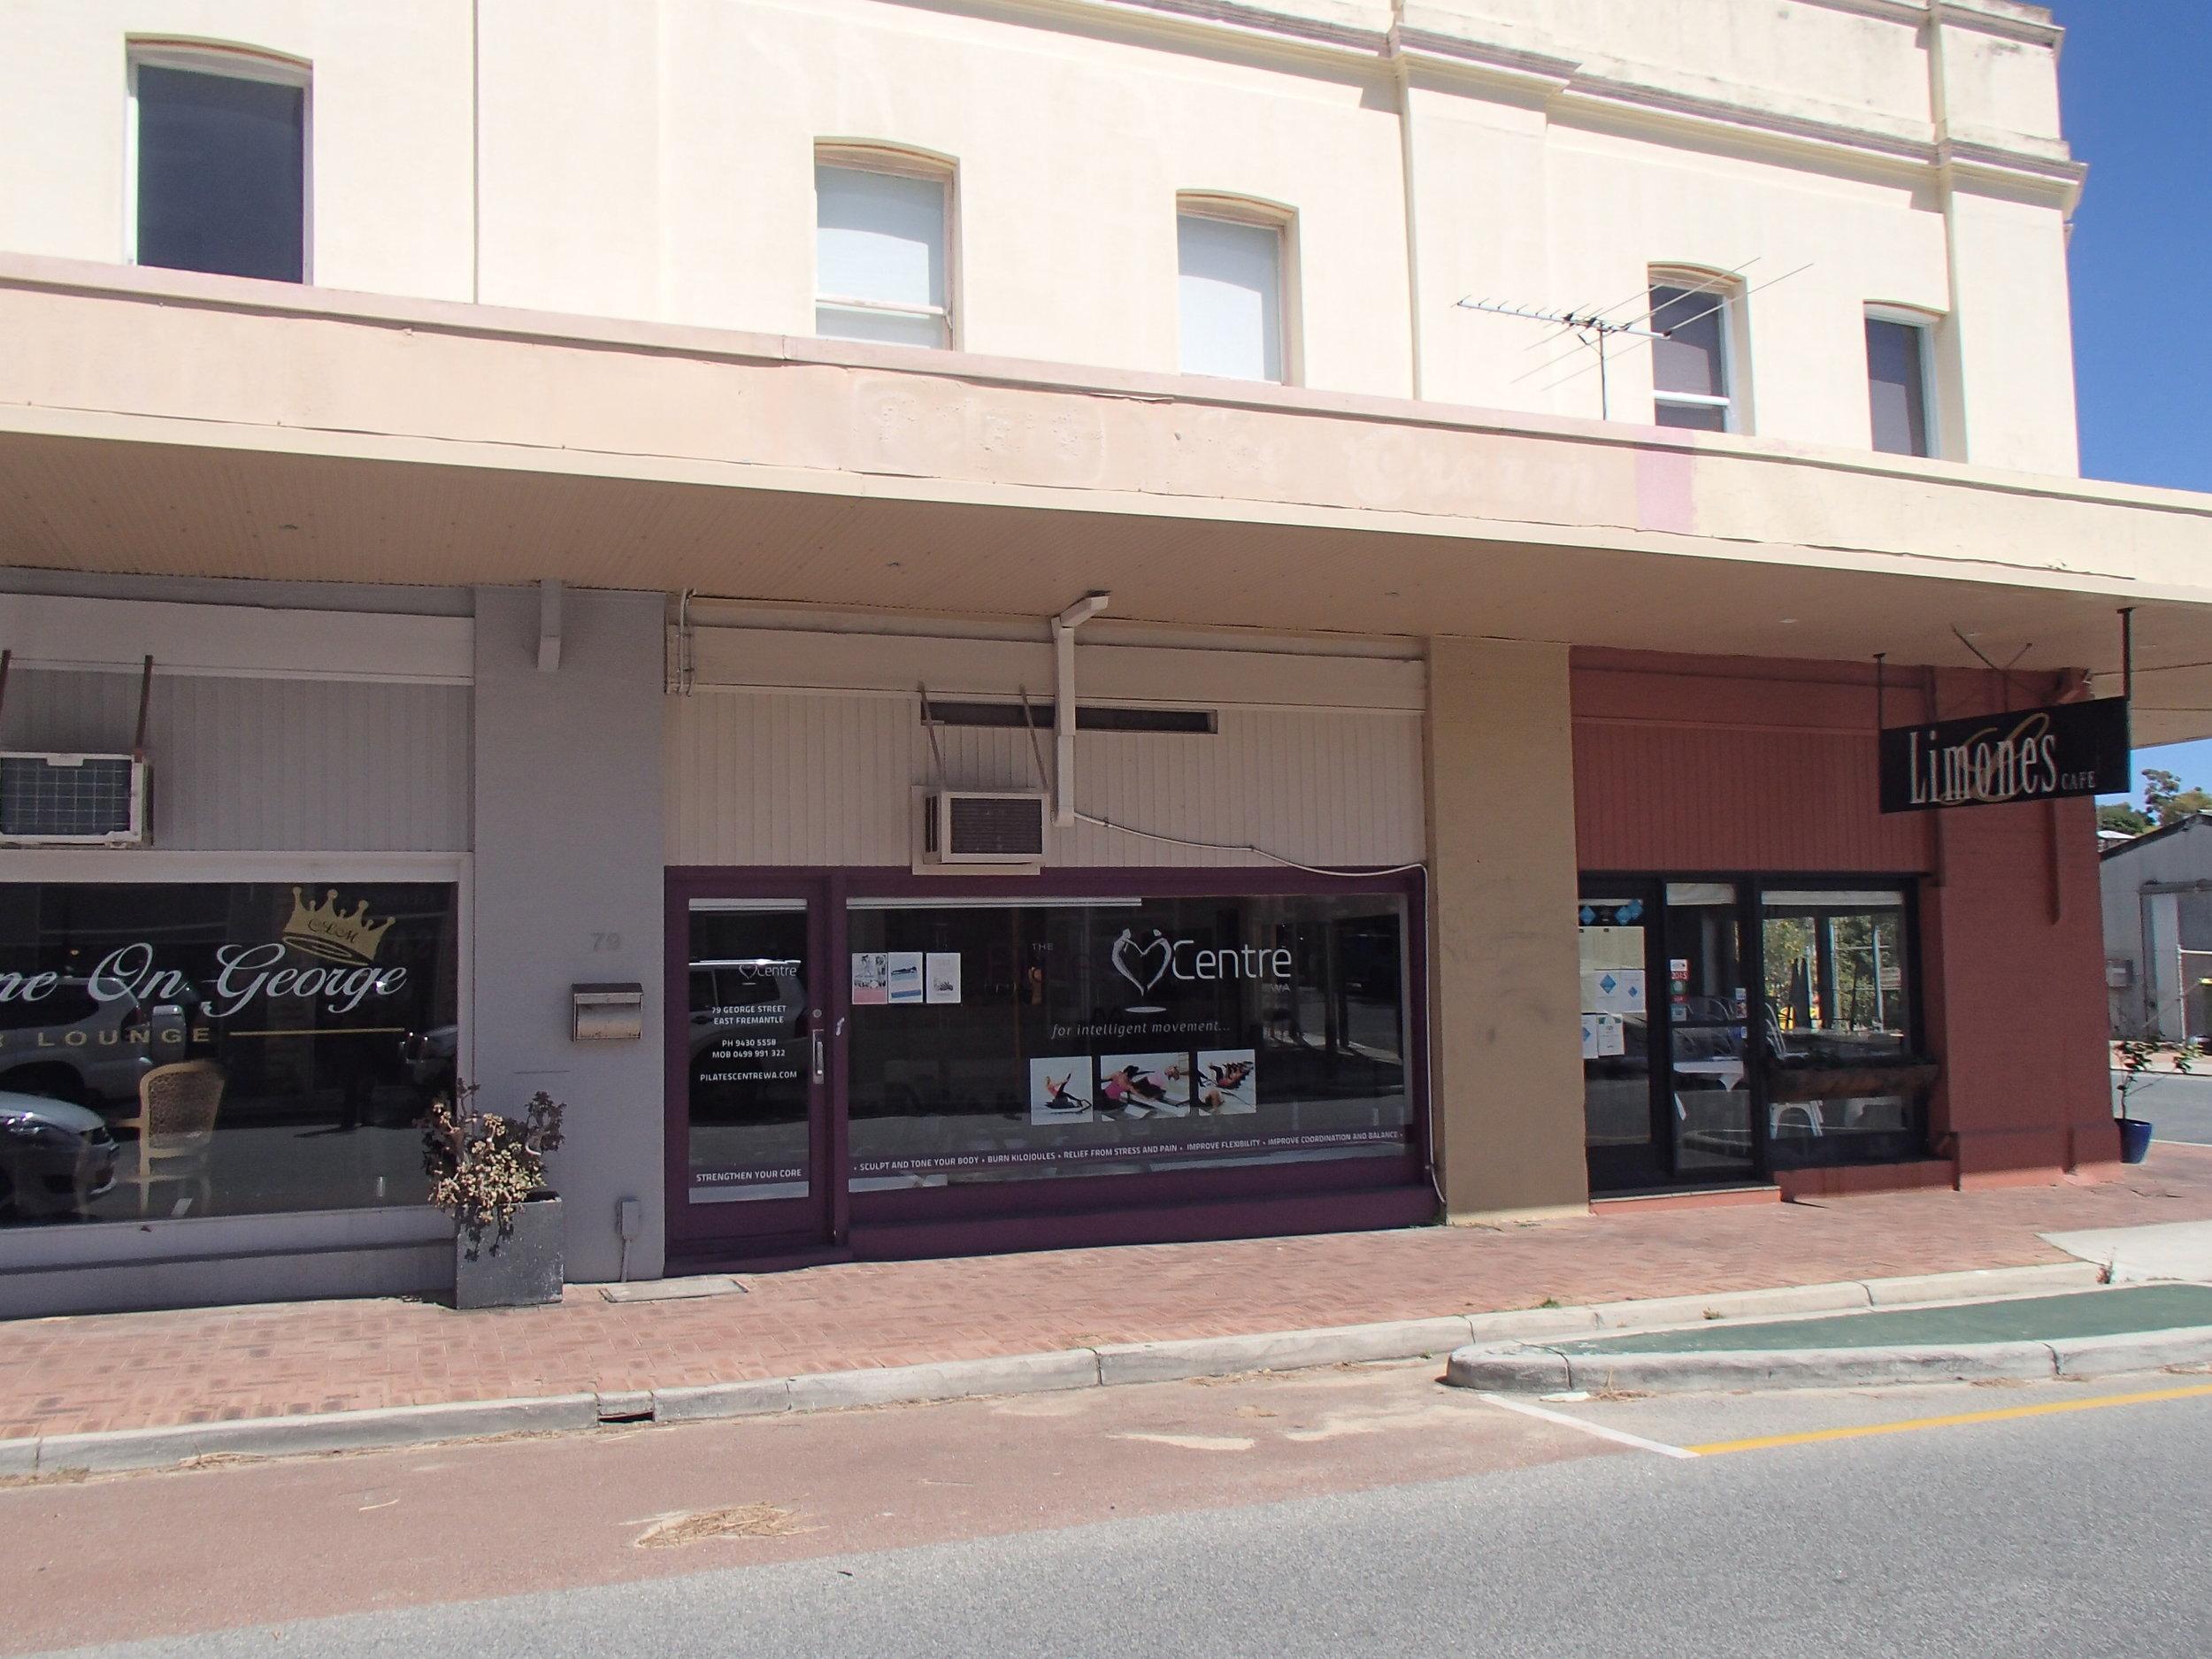 79 George Street on 140916 (3).JPG